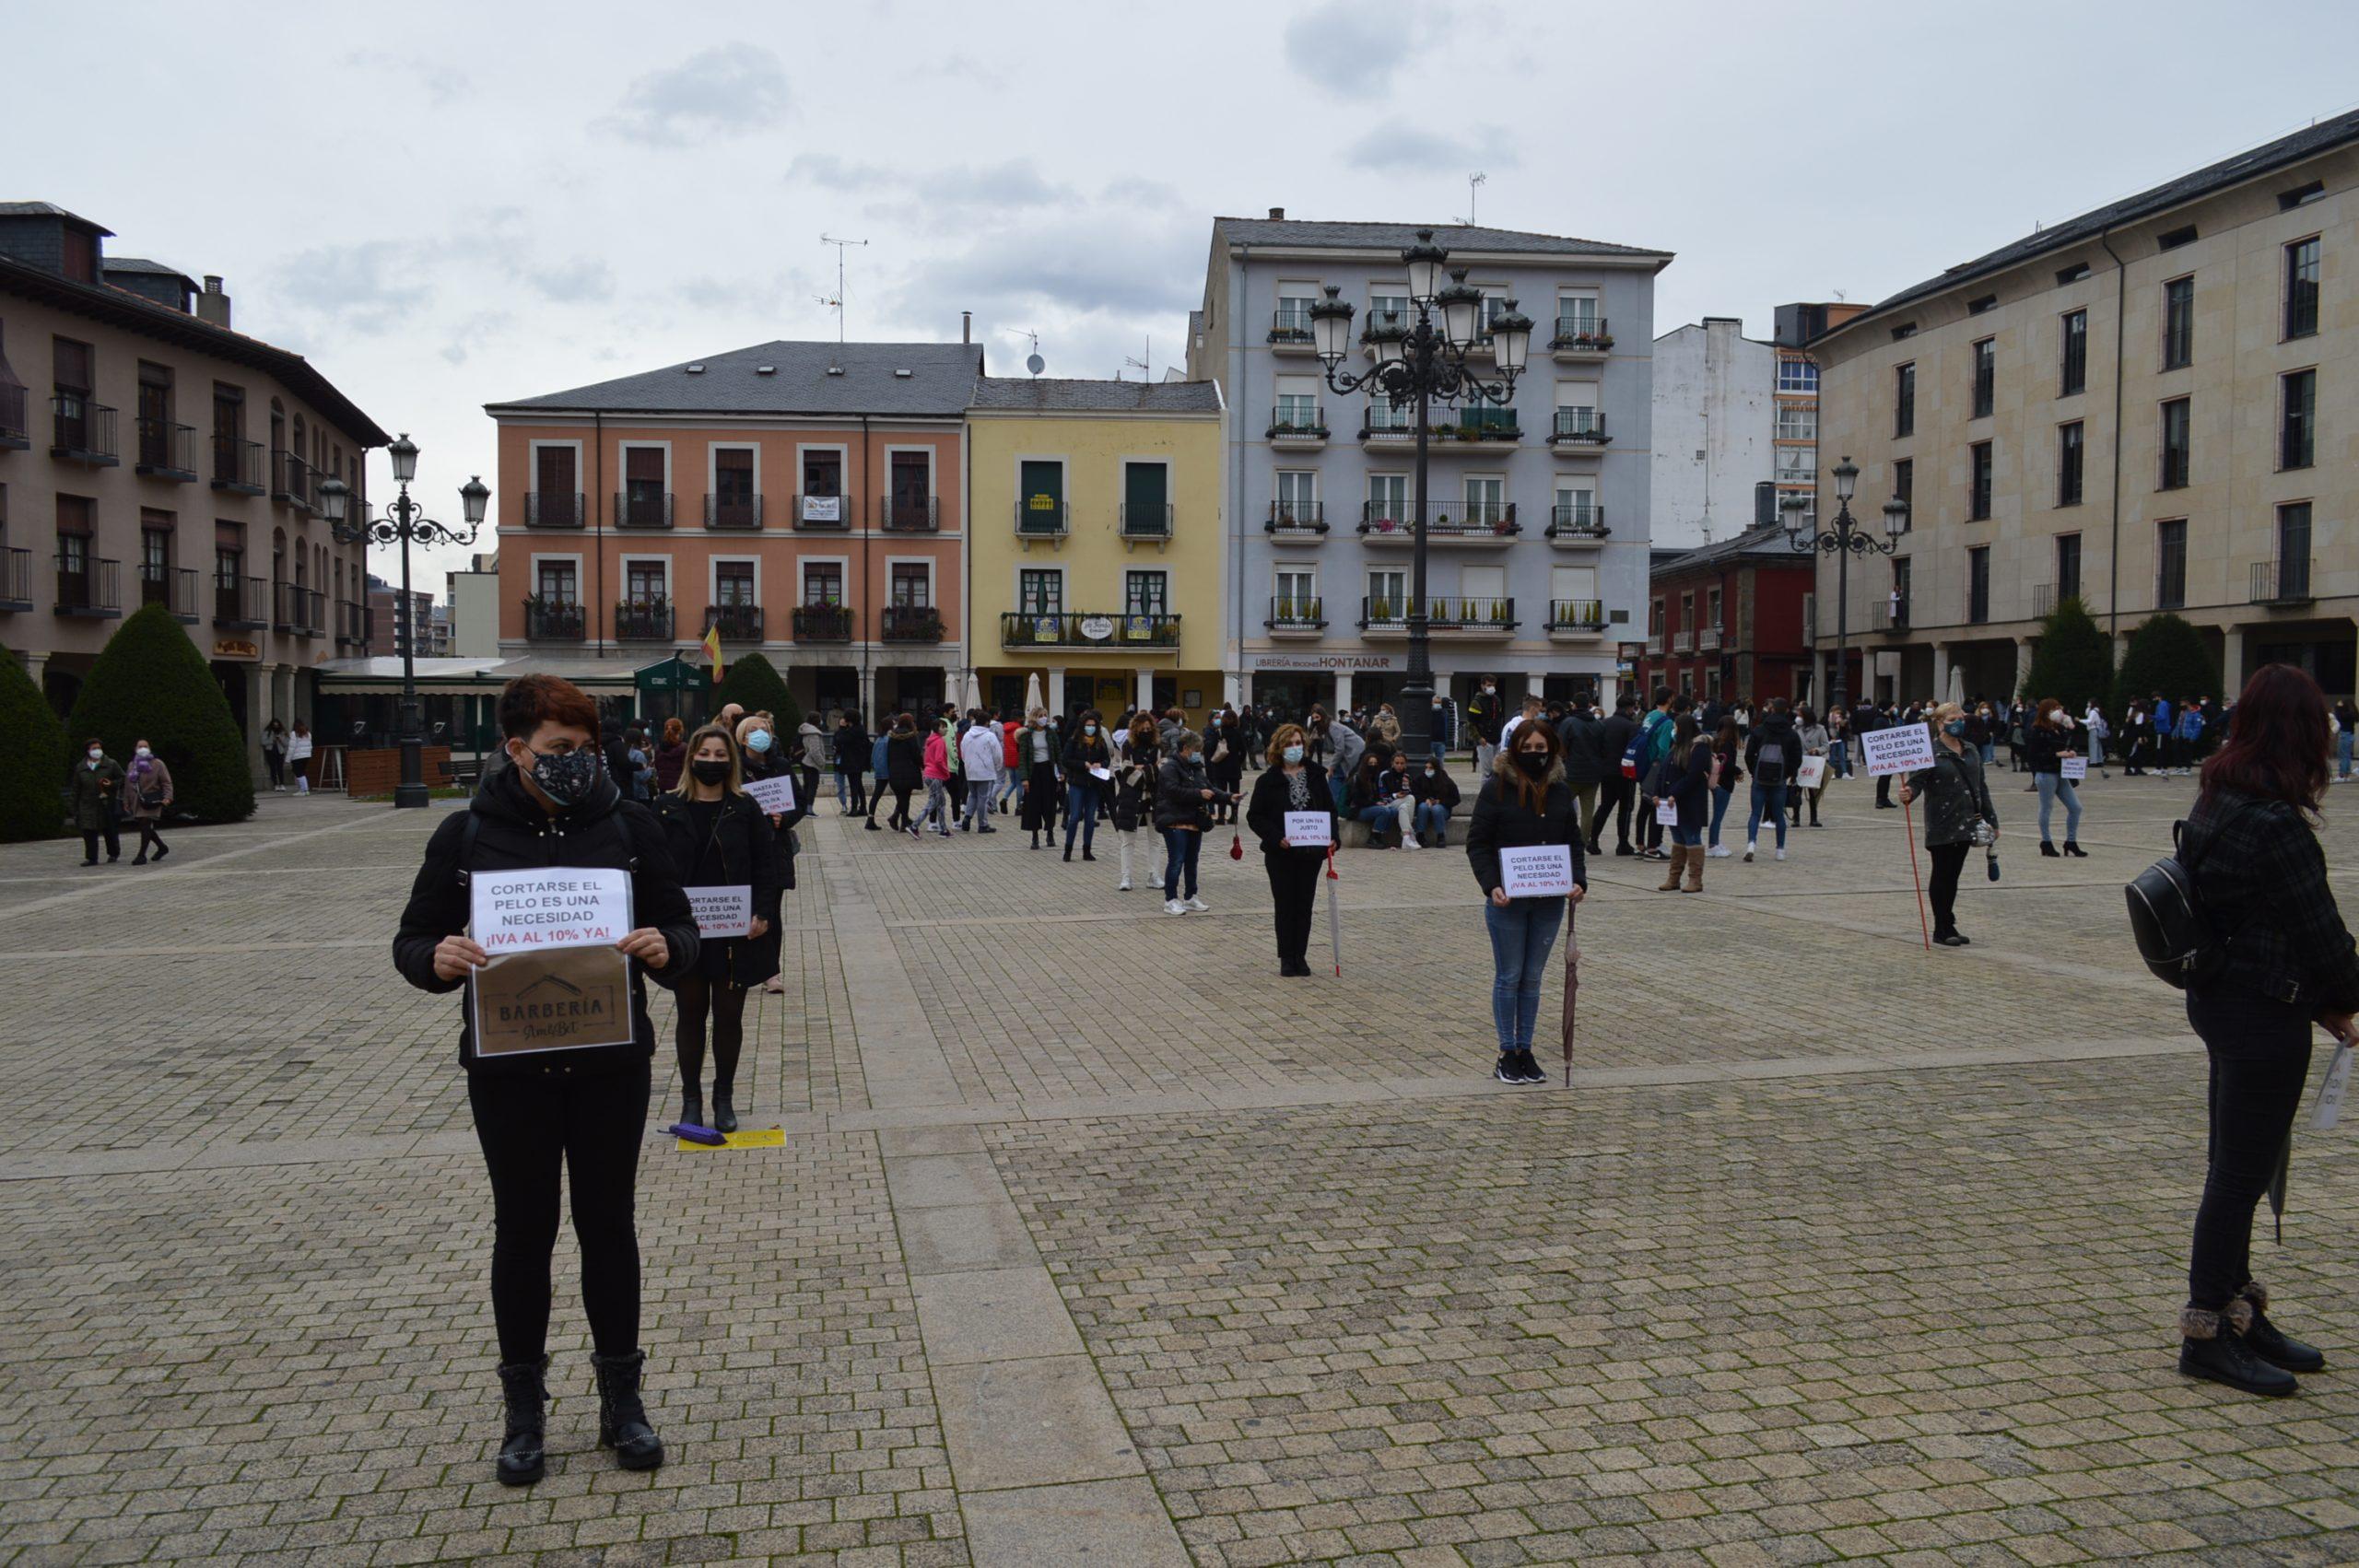 Peluquerías y centros de belleza de El Bierzo y Laciana se concentran en Ponferrada pidiendo apoyo para mantener el sector a flote 4